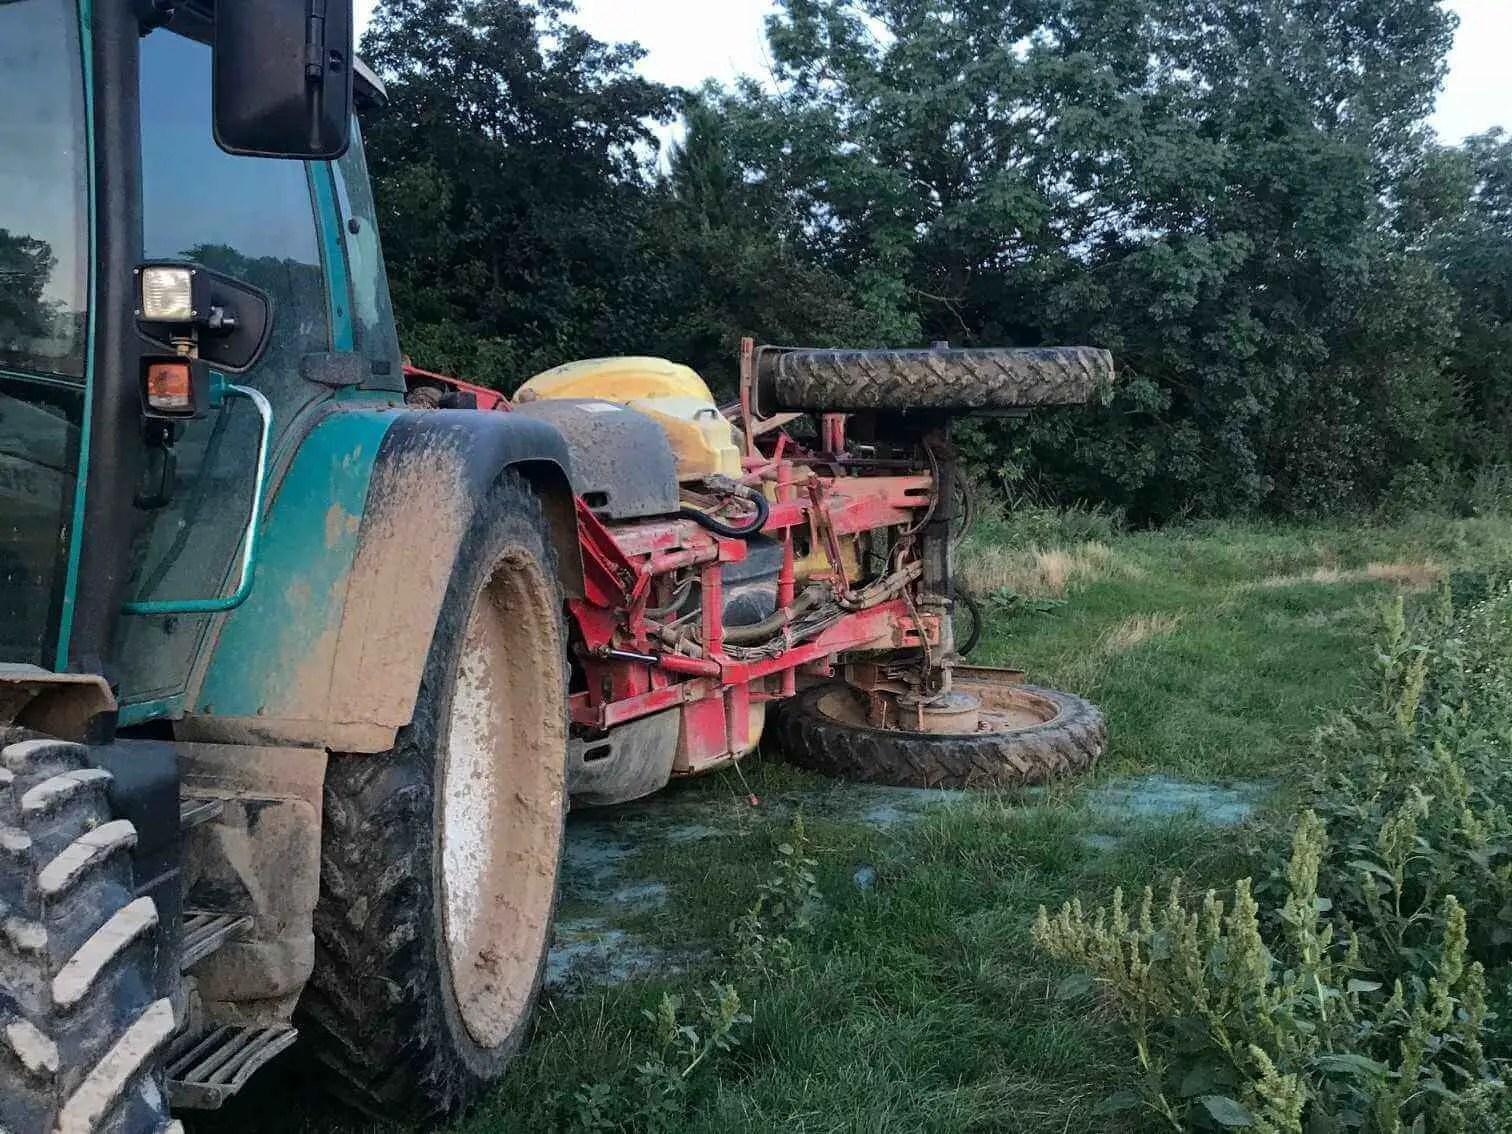 Landwirtschaftlicher Spritzanhänger gekippt: auslaufendes Pflanzenschutzmittel